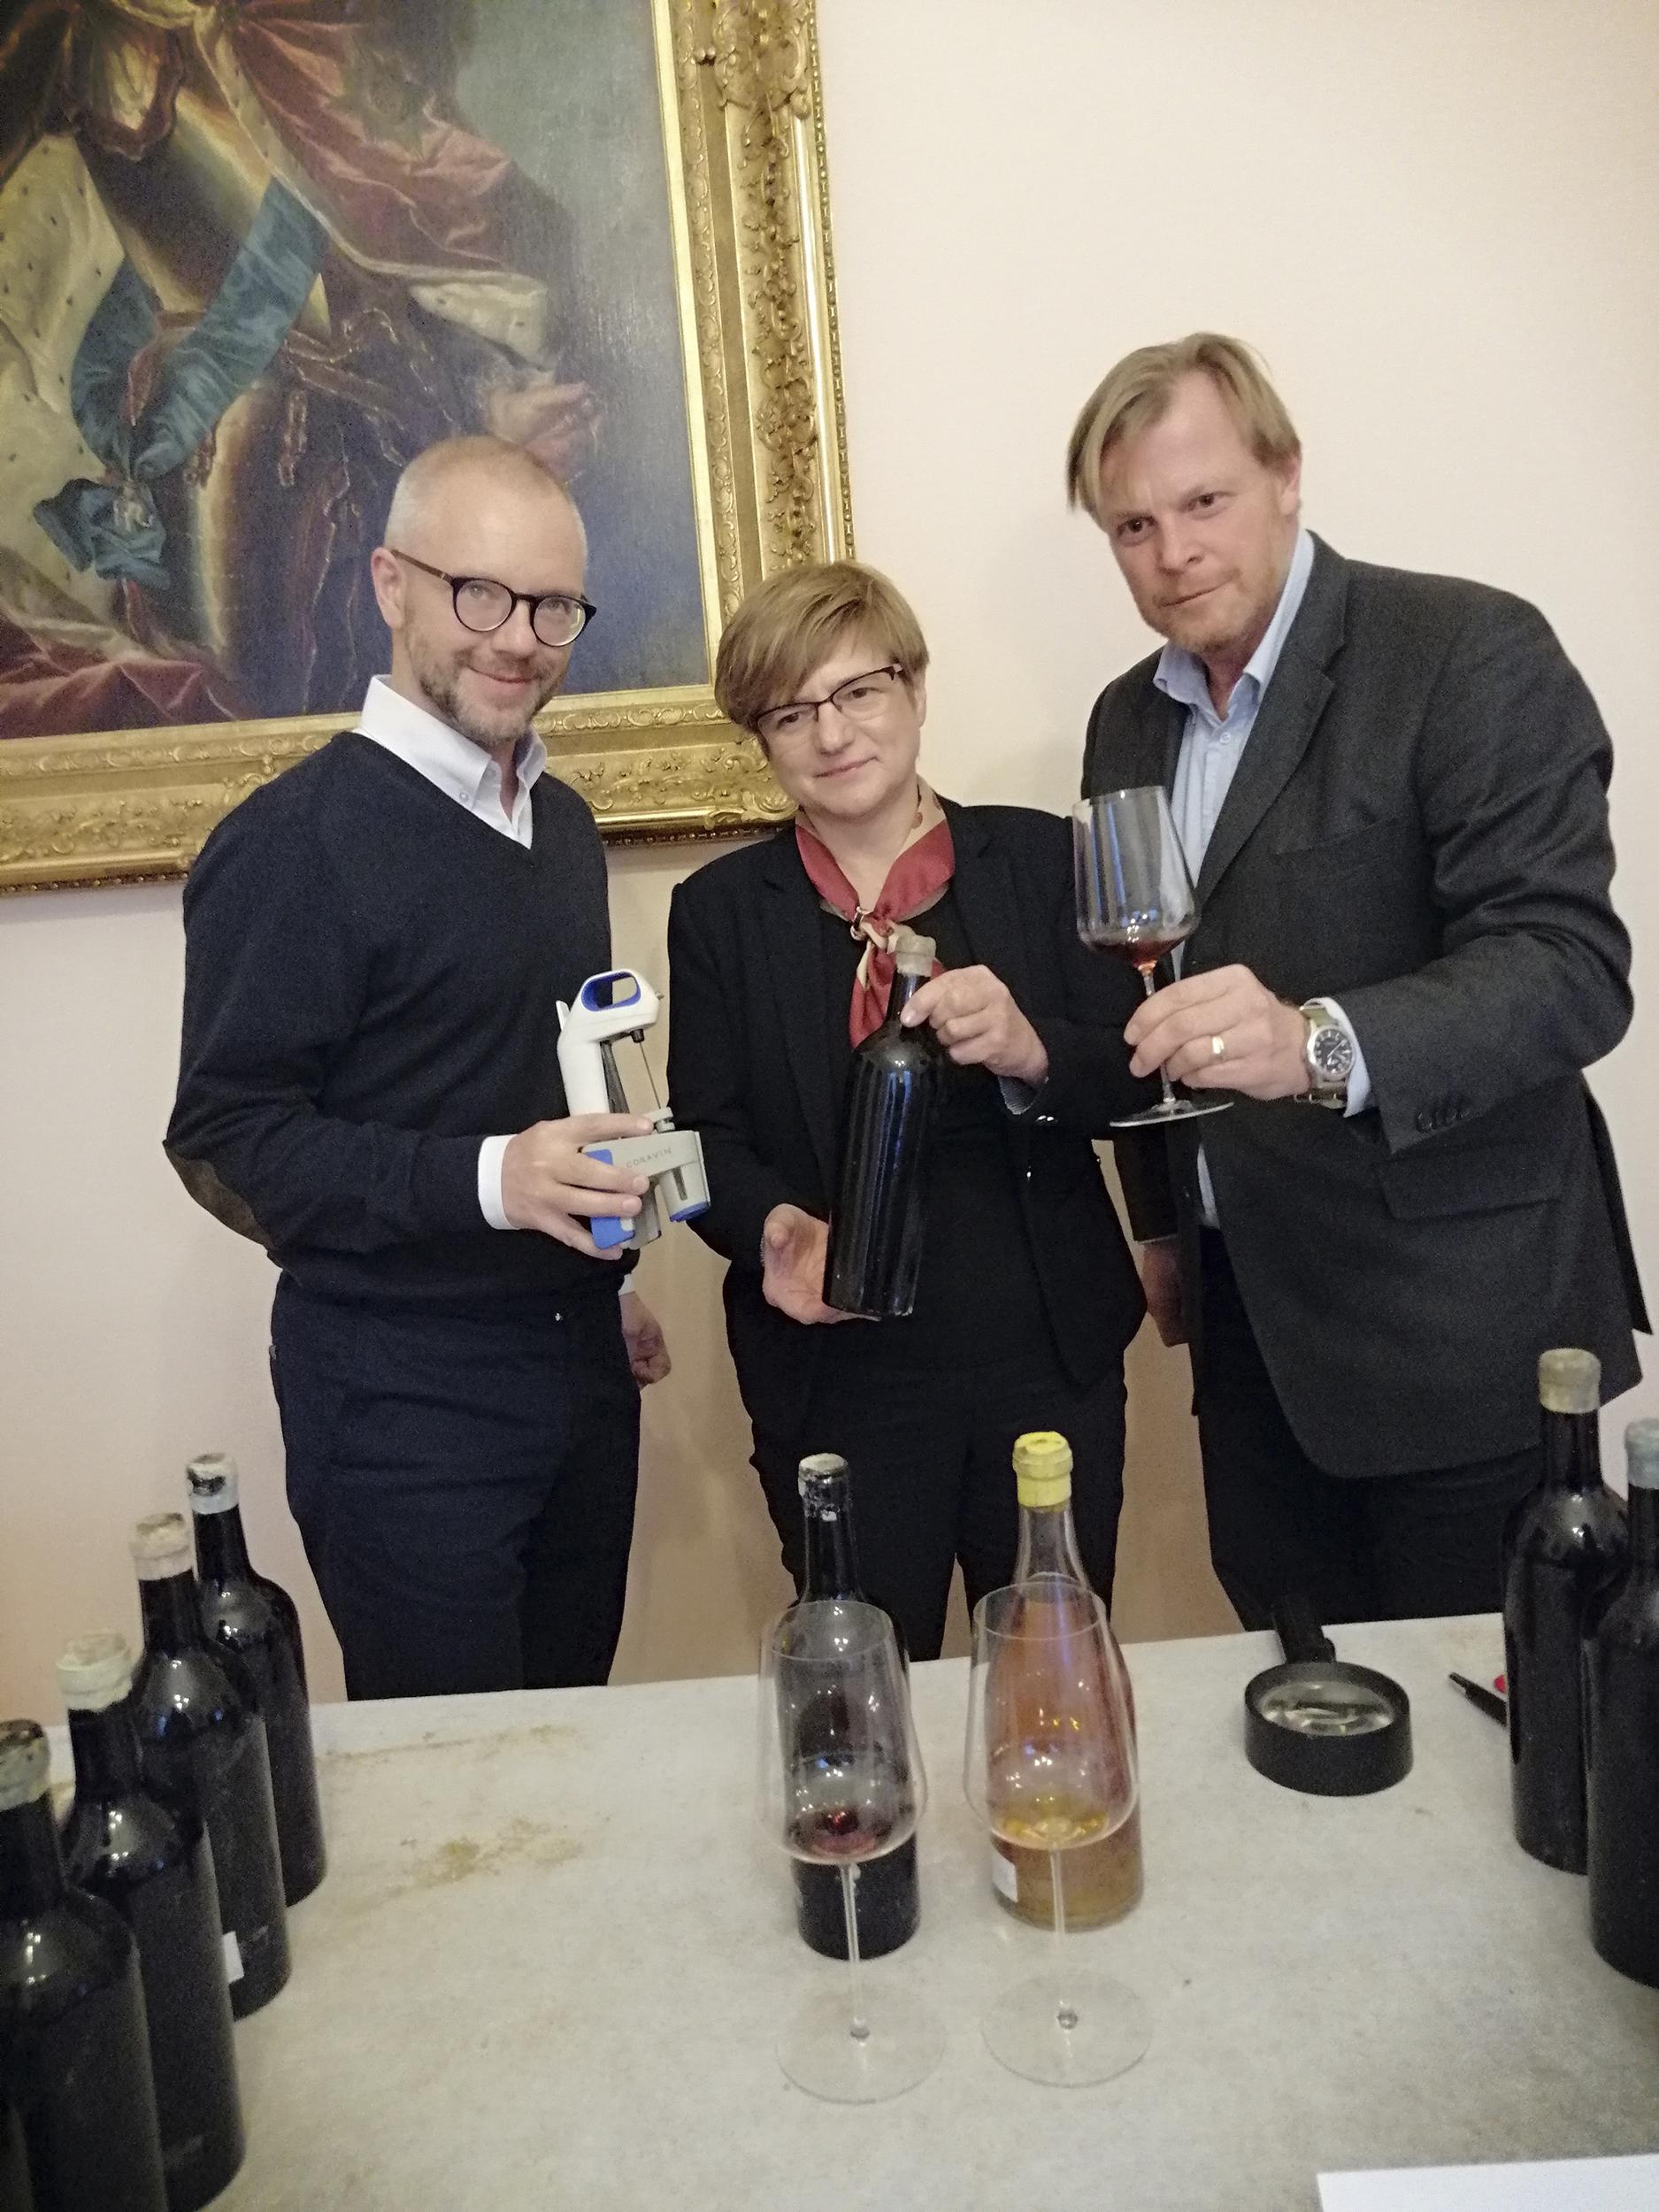 Fotografia. Dwaj mężczyźni i stojąca pomiędzy nimi kobieta, uśmiechnięci patrzą w stronę fotografa. Mężczyzna po lewej trzyma urządzenie służące do nalewania wina bez konieczności wyciągani korka, kobieta butelkę z ciemnego szkła, mężczyzna po prawej kieliszek z próbką wina.